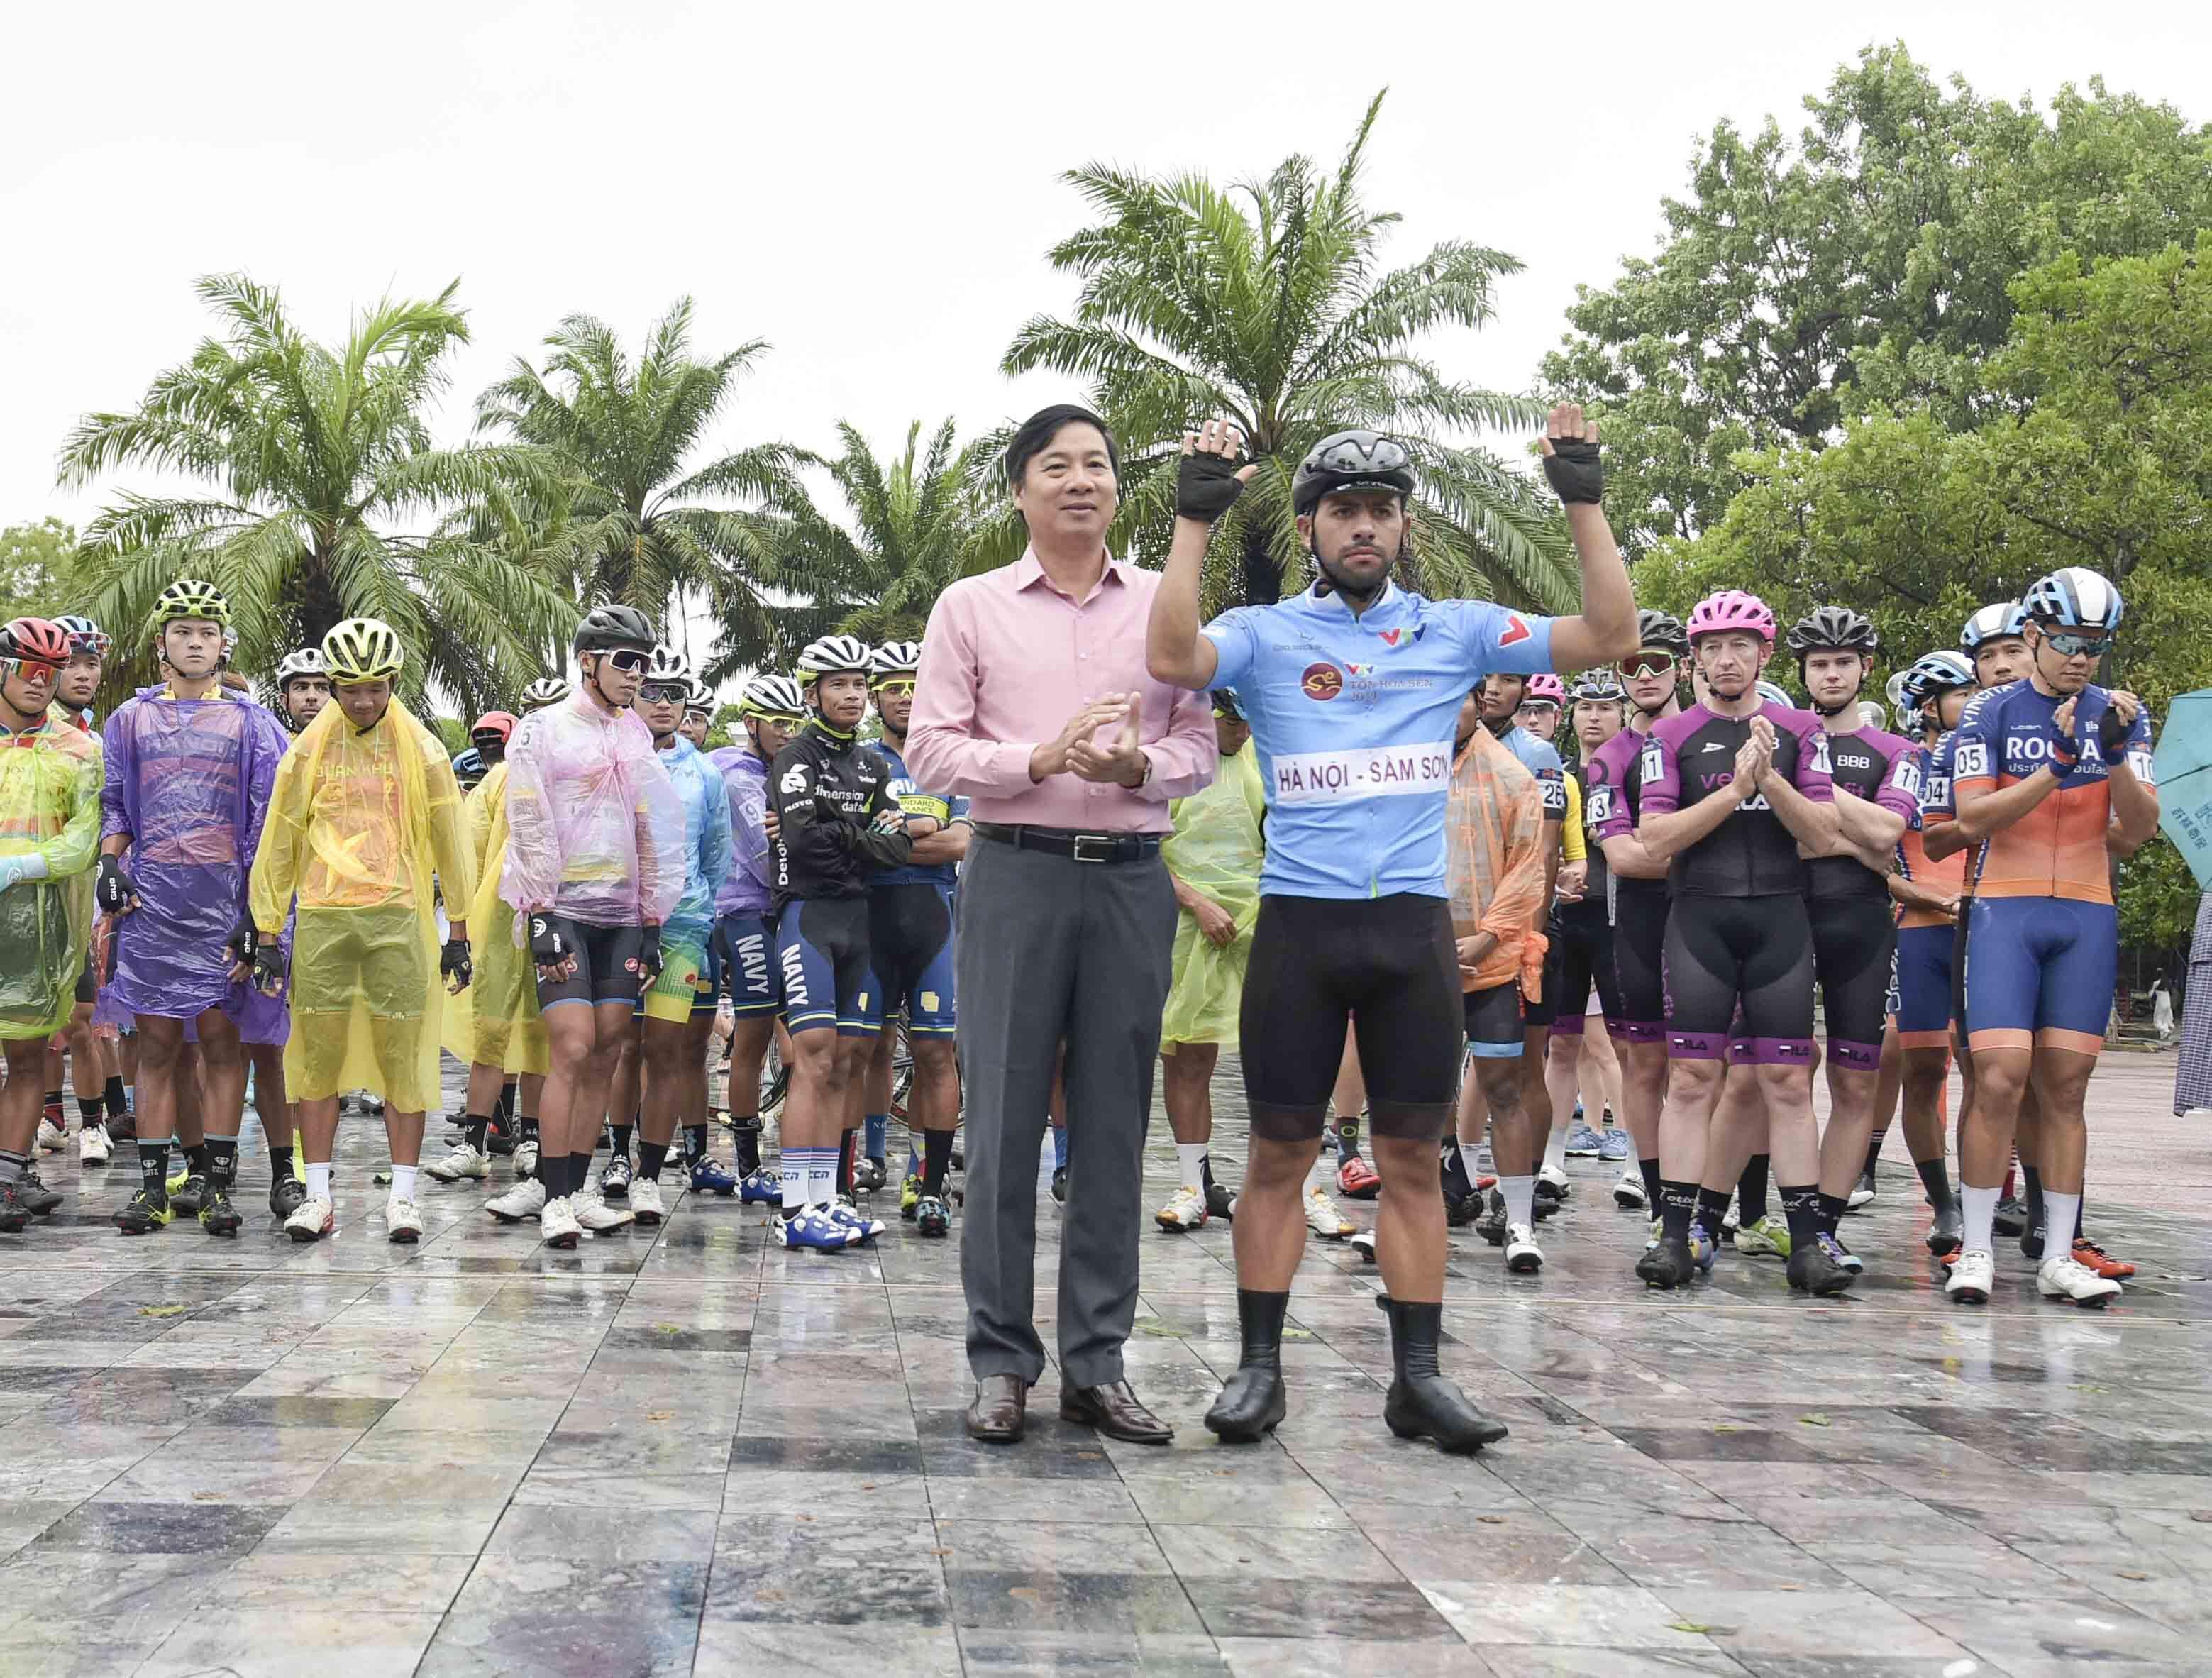 Hủy chặng đua Hà Tĩnh-Quảng Bình vì mưa lớn, đường ngập nước